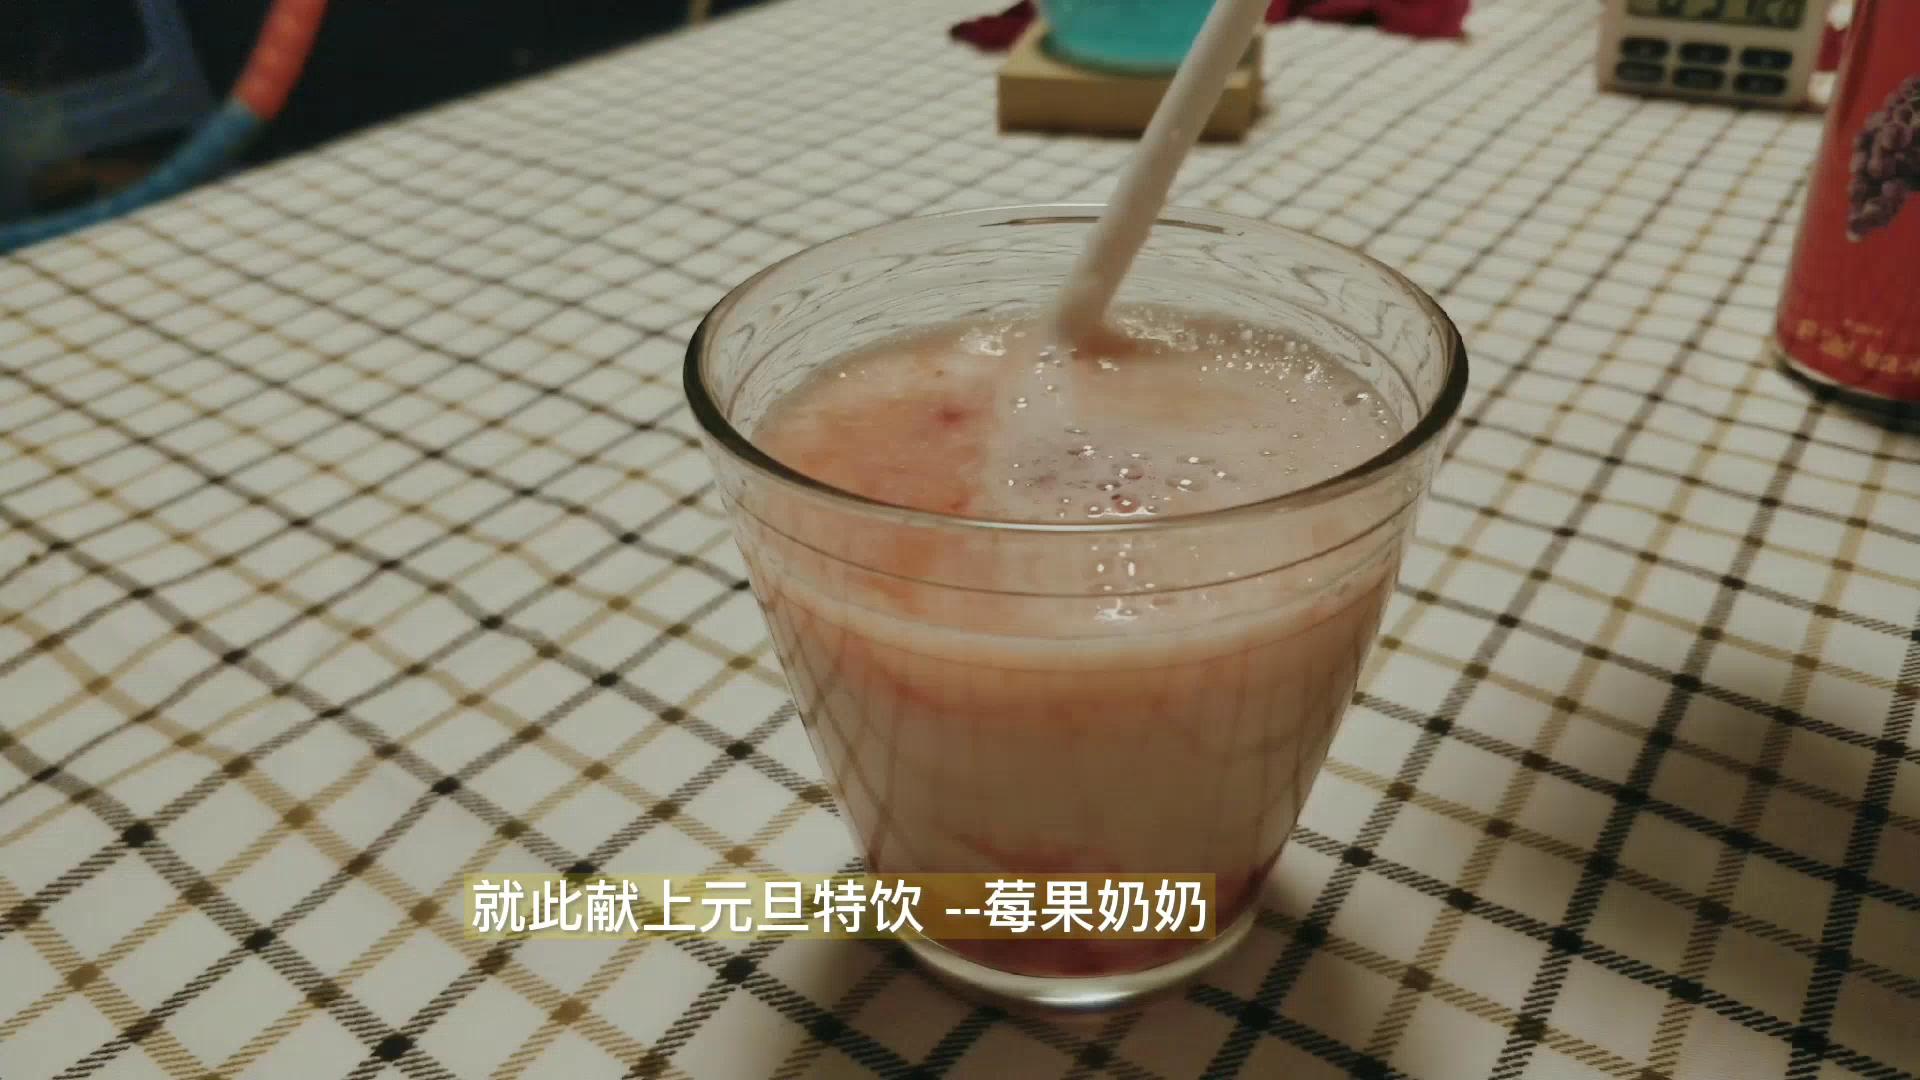 这特饮好喝一匹 疫情在家学起来